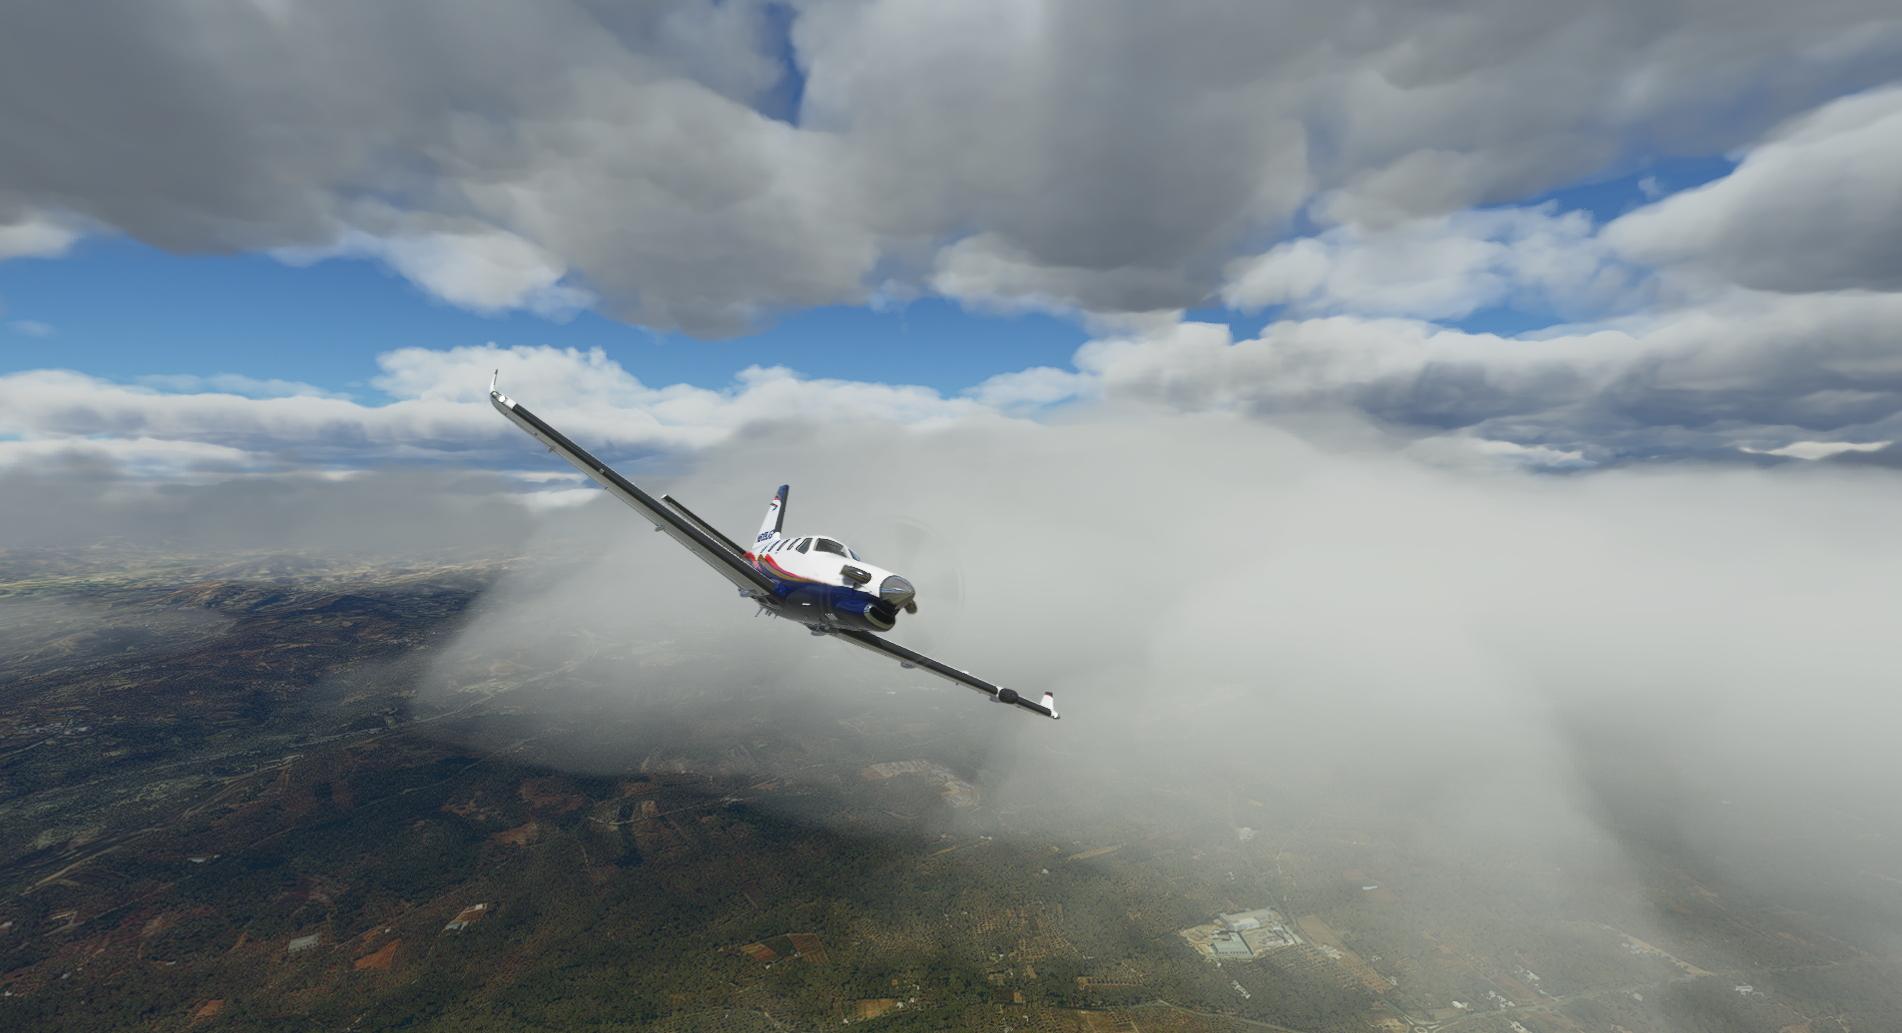 Microsoft Flight Simulator Tbm Cloud Riser